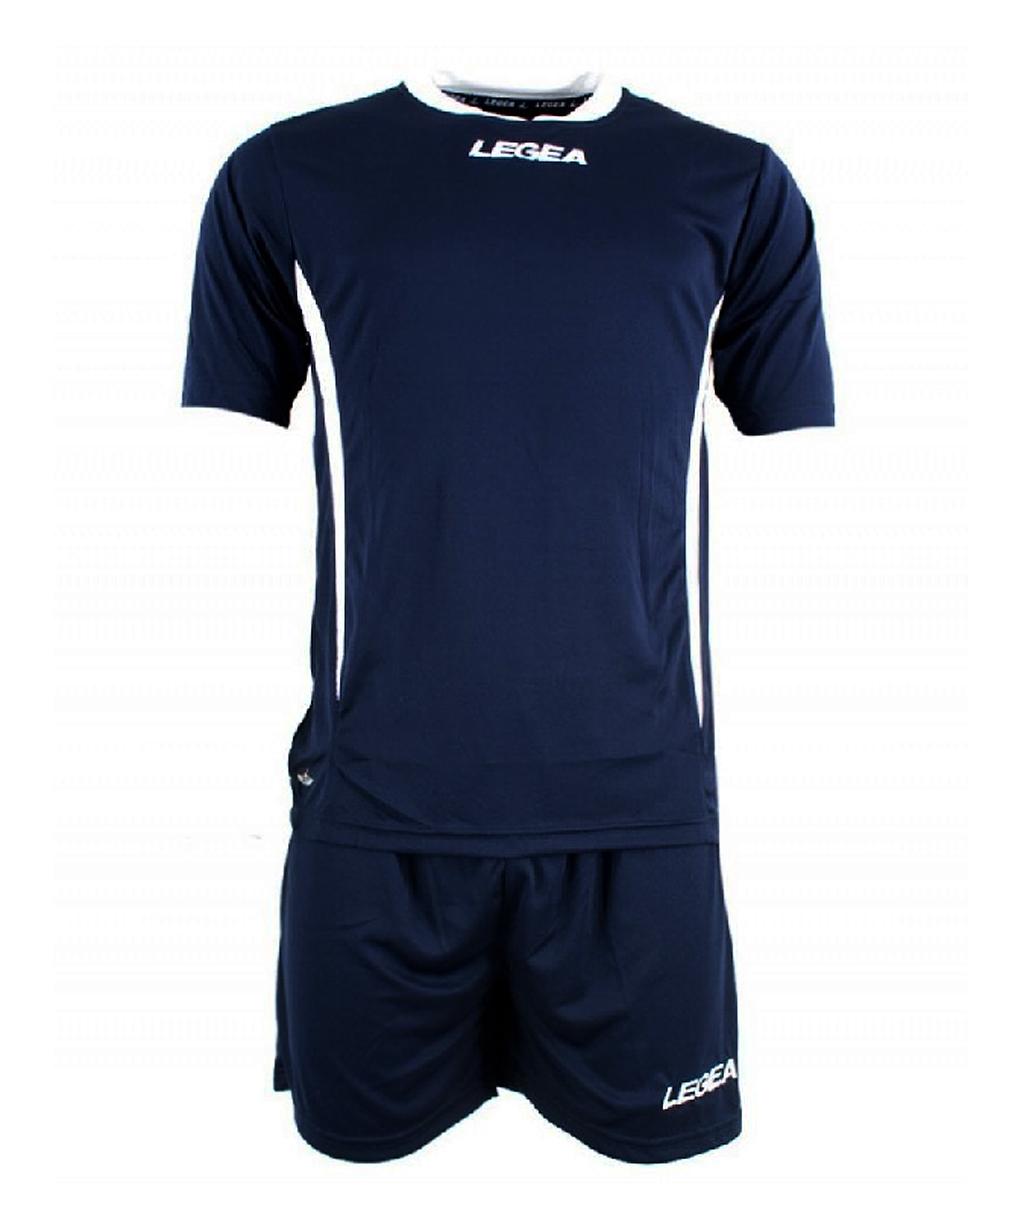 Купить тёмно-синюю футбольную форму Legea Dusseldorf в интернет-магазине